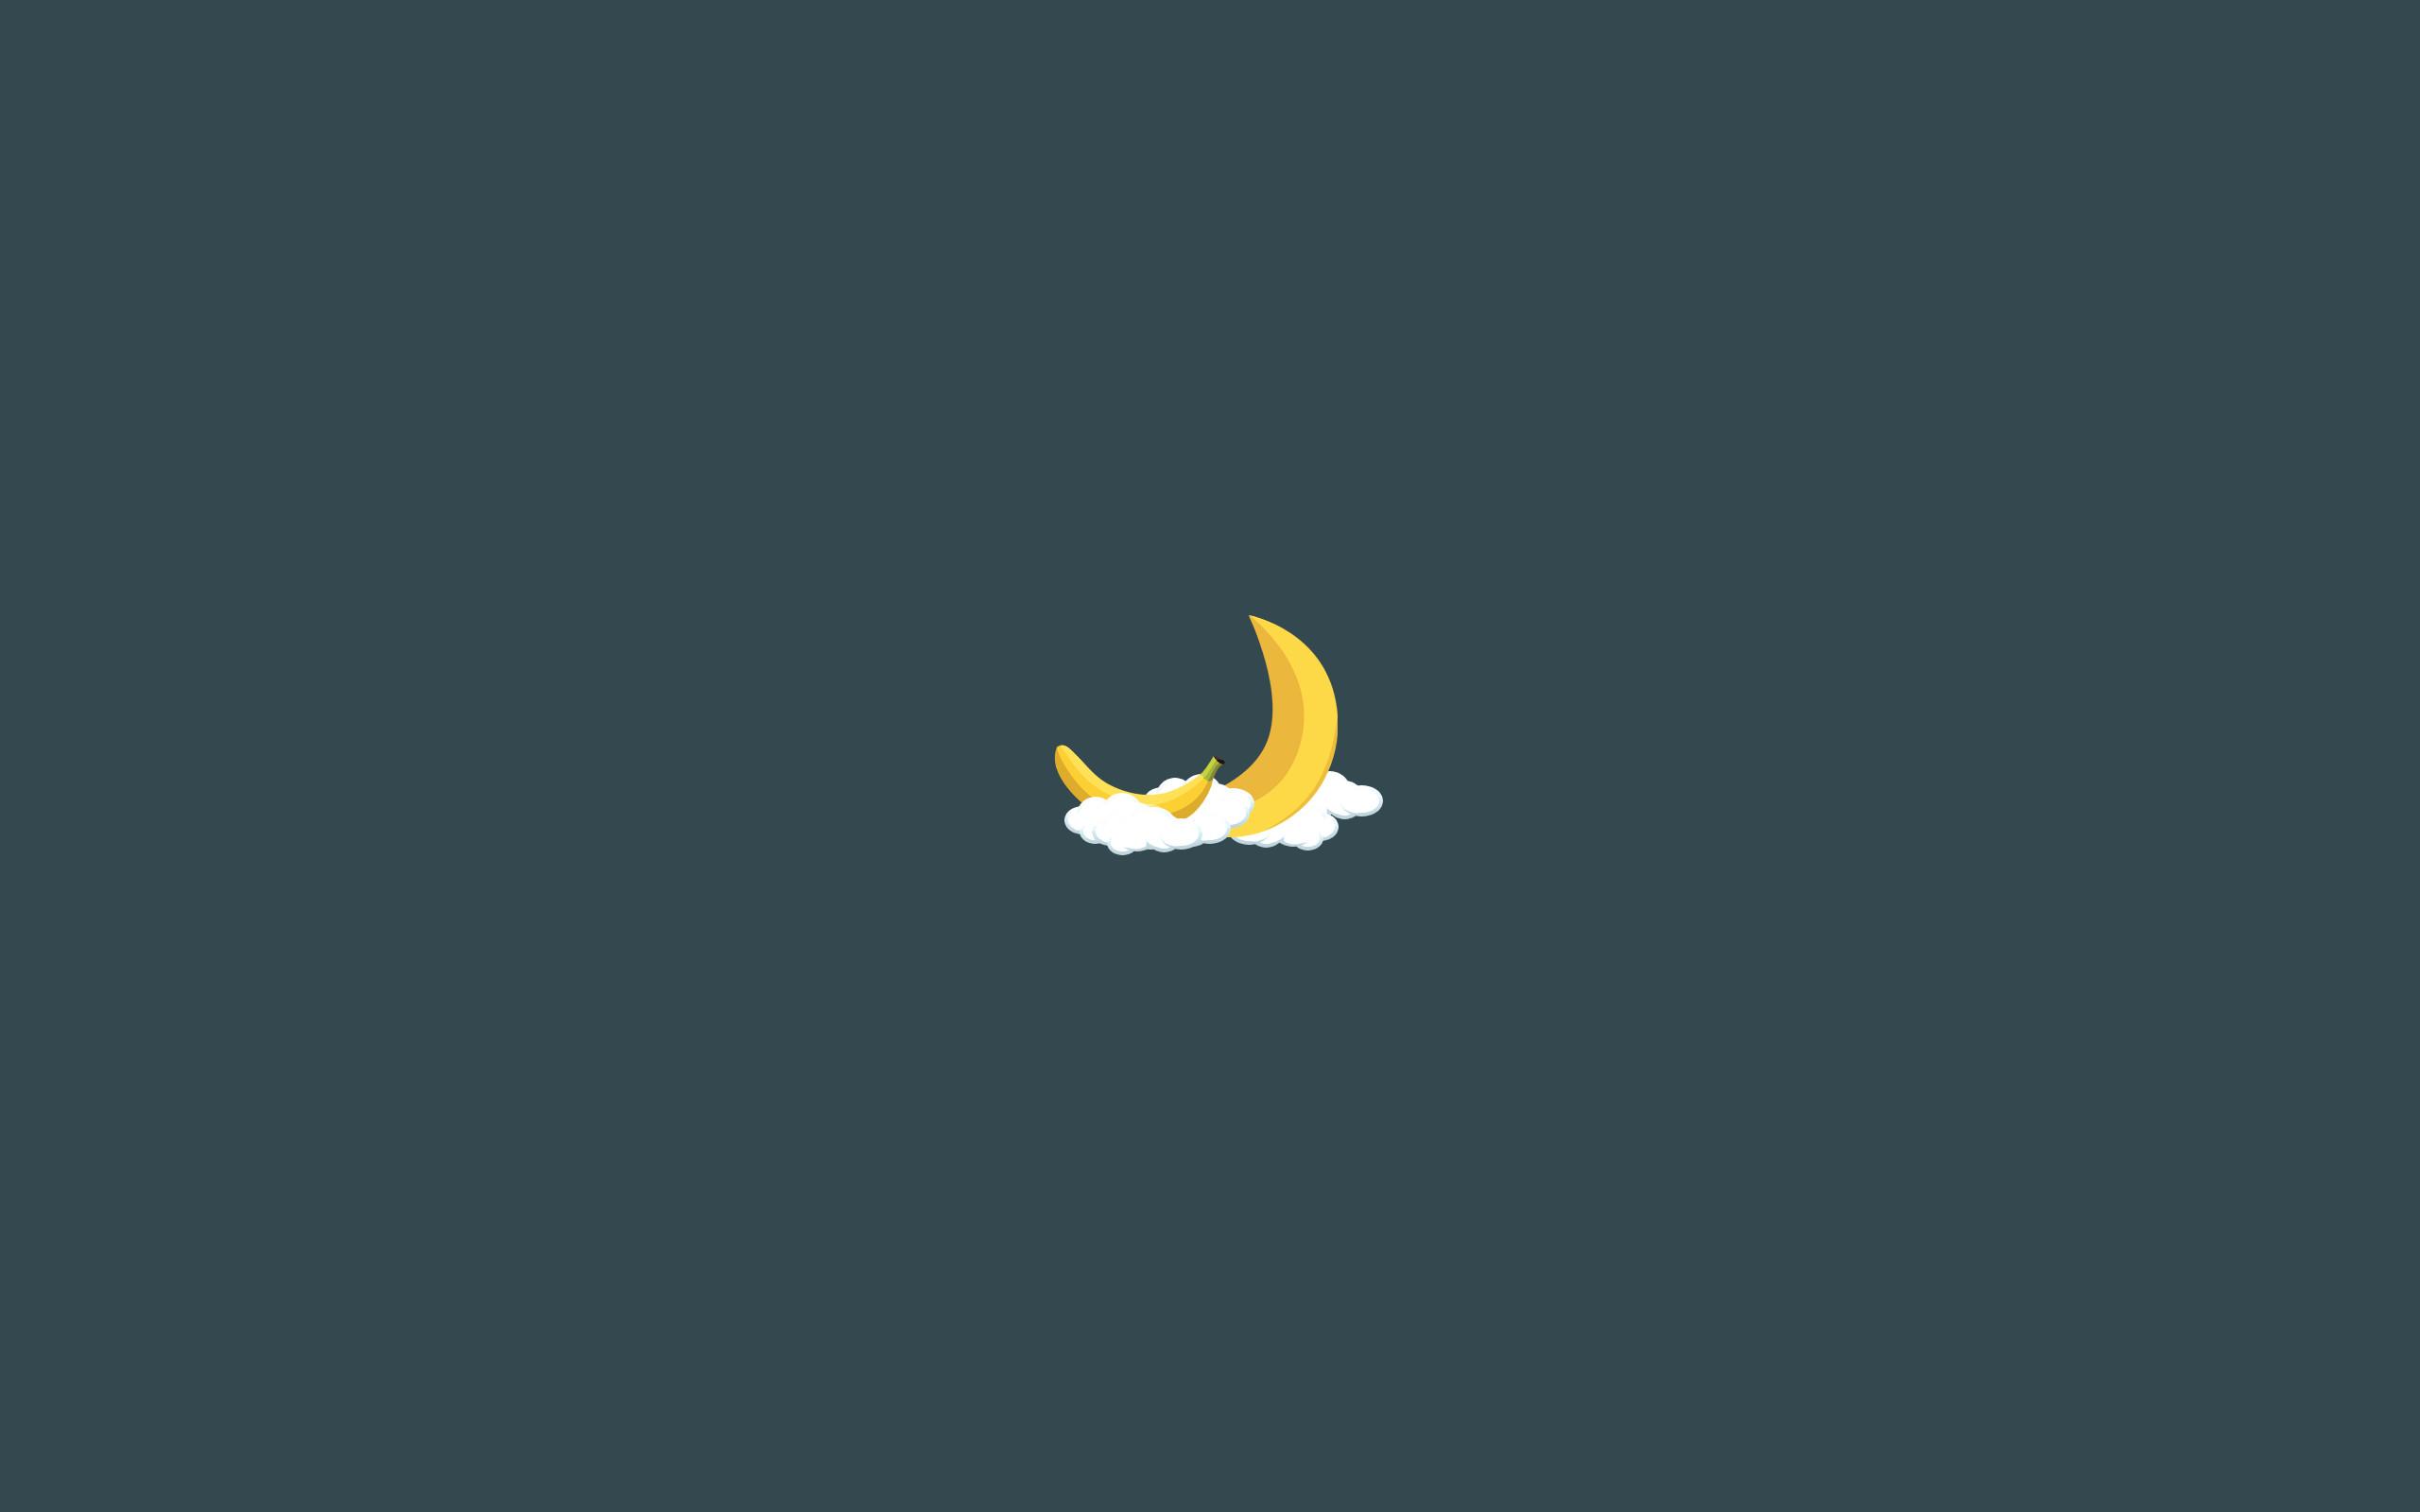 Minimalist Desktop Wallpaper (88+ Images